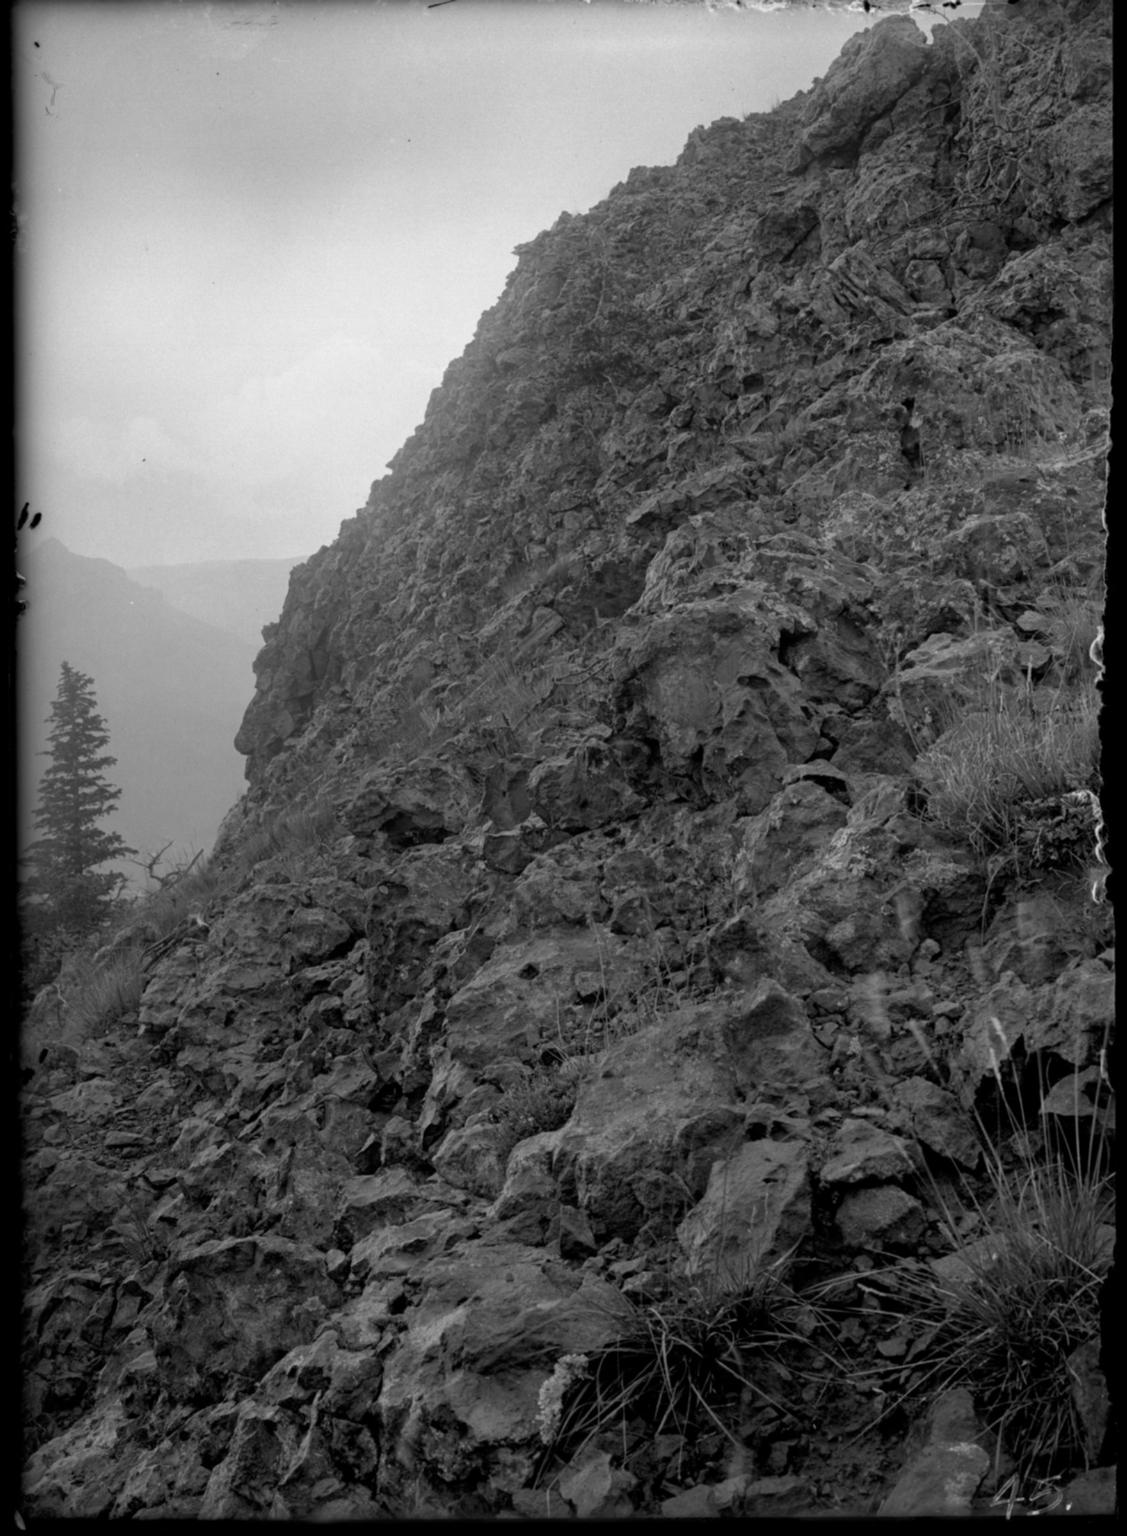 Navajo Peak